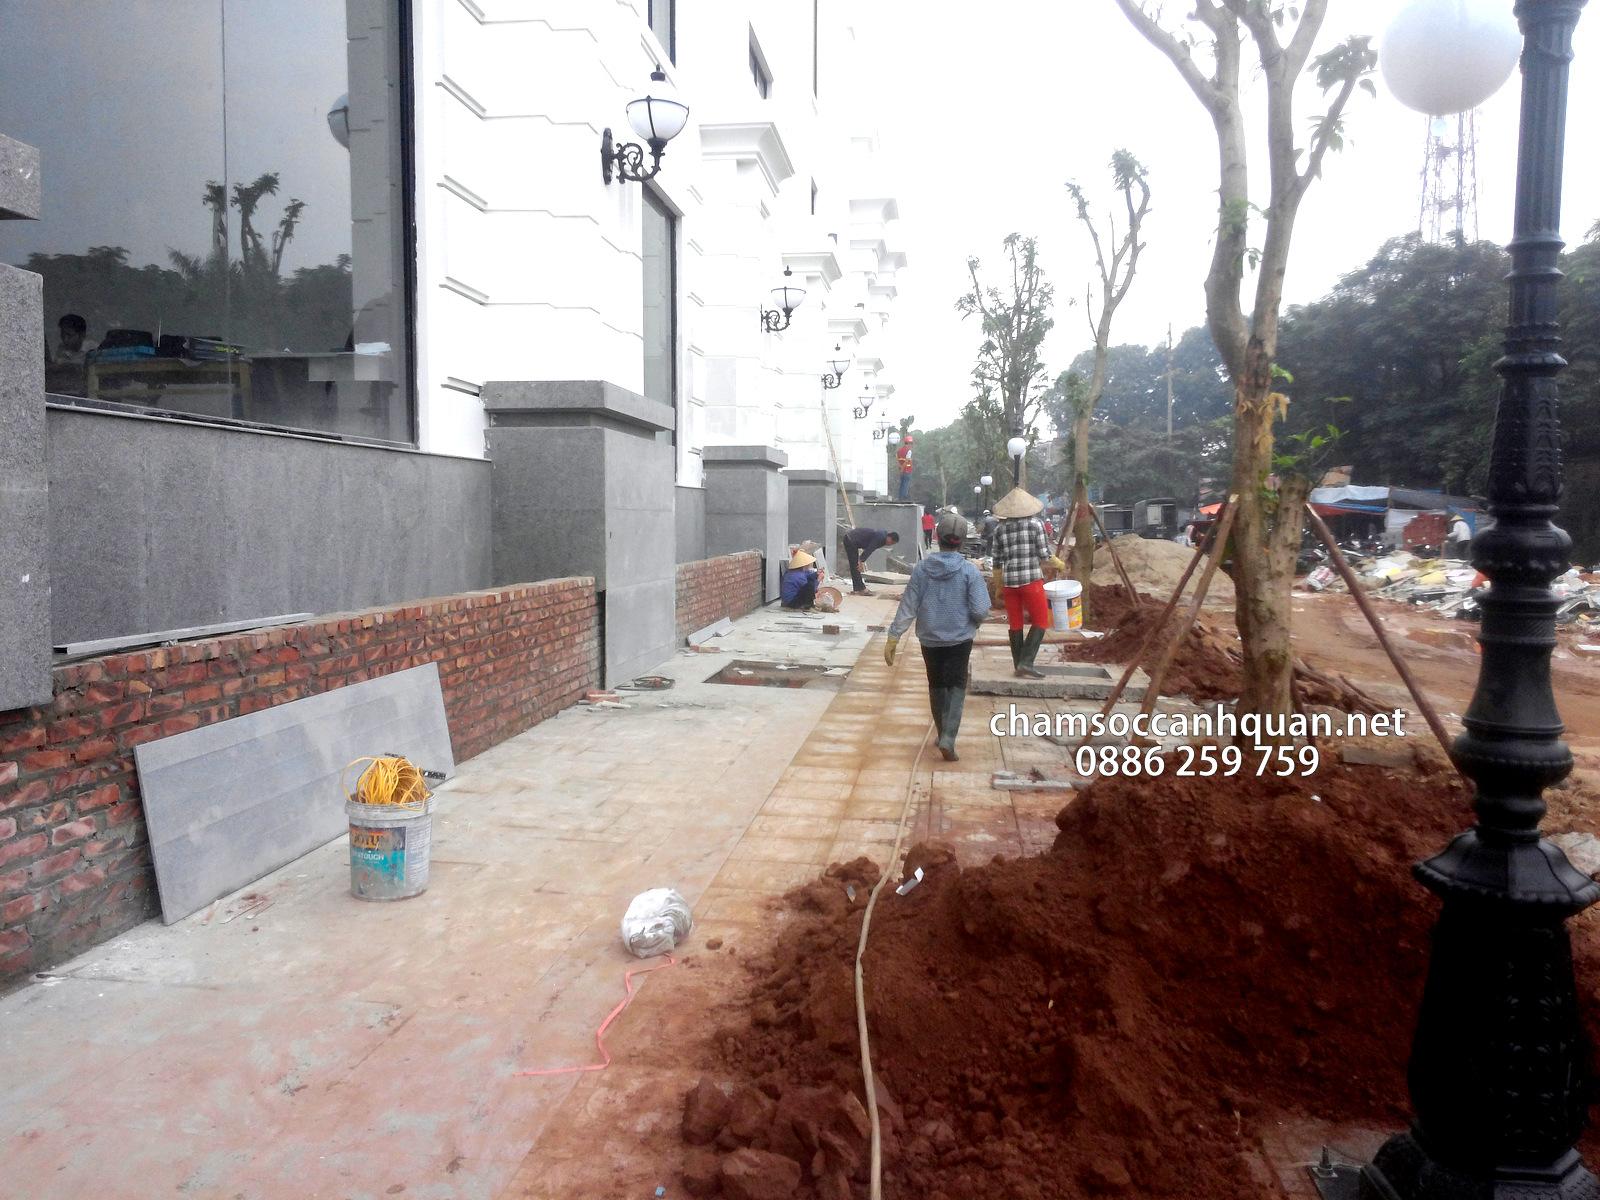 Thi công cảnh quan dự án Vincom Plaza Việt Trì - Phú Thọ